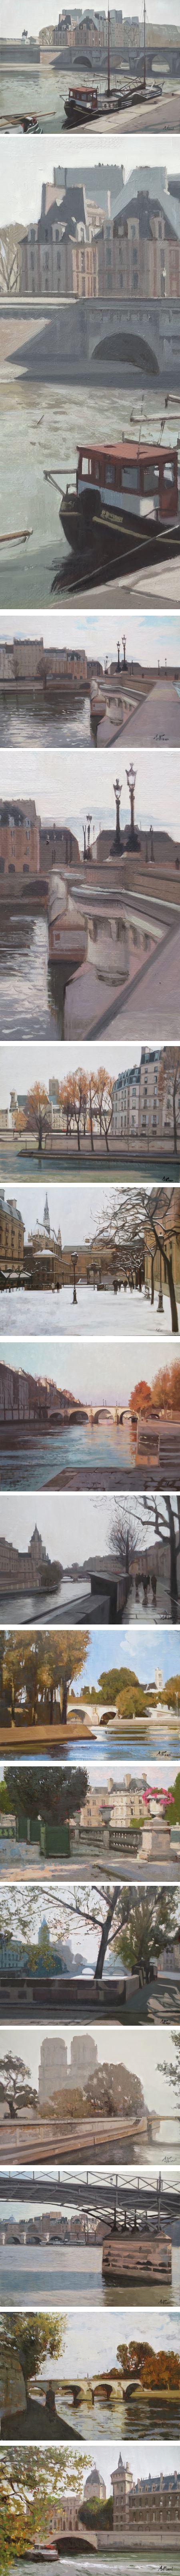 Regis Pettinari, paintings of Paris